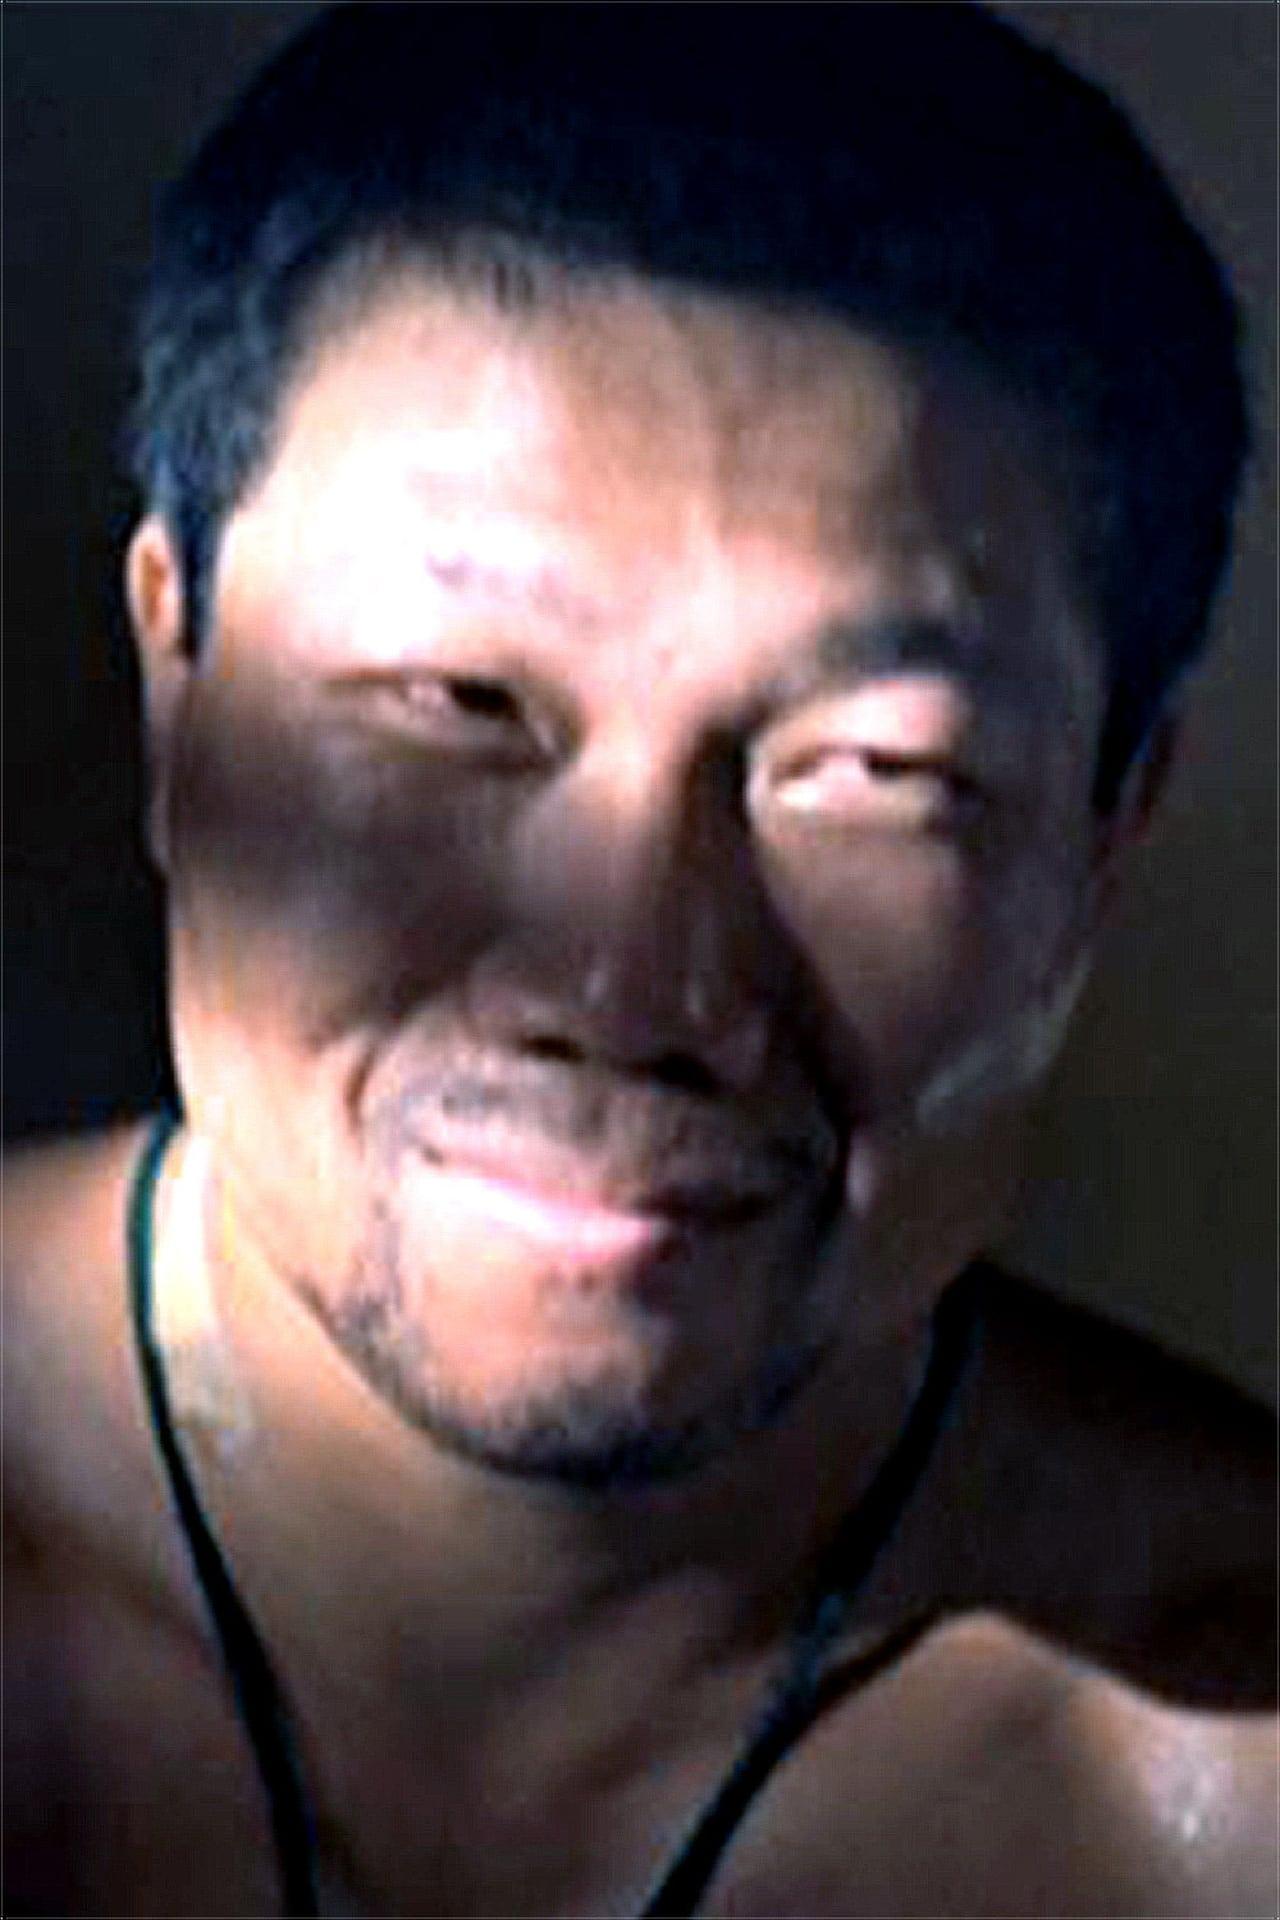 Lam Kai-Wing